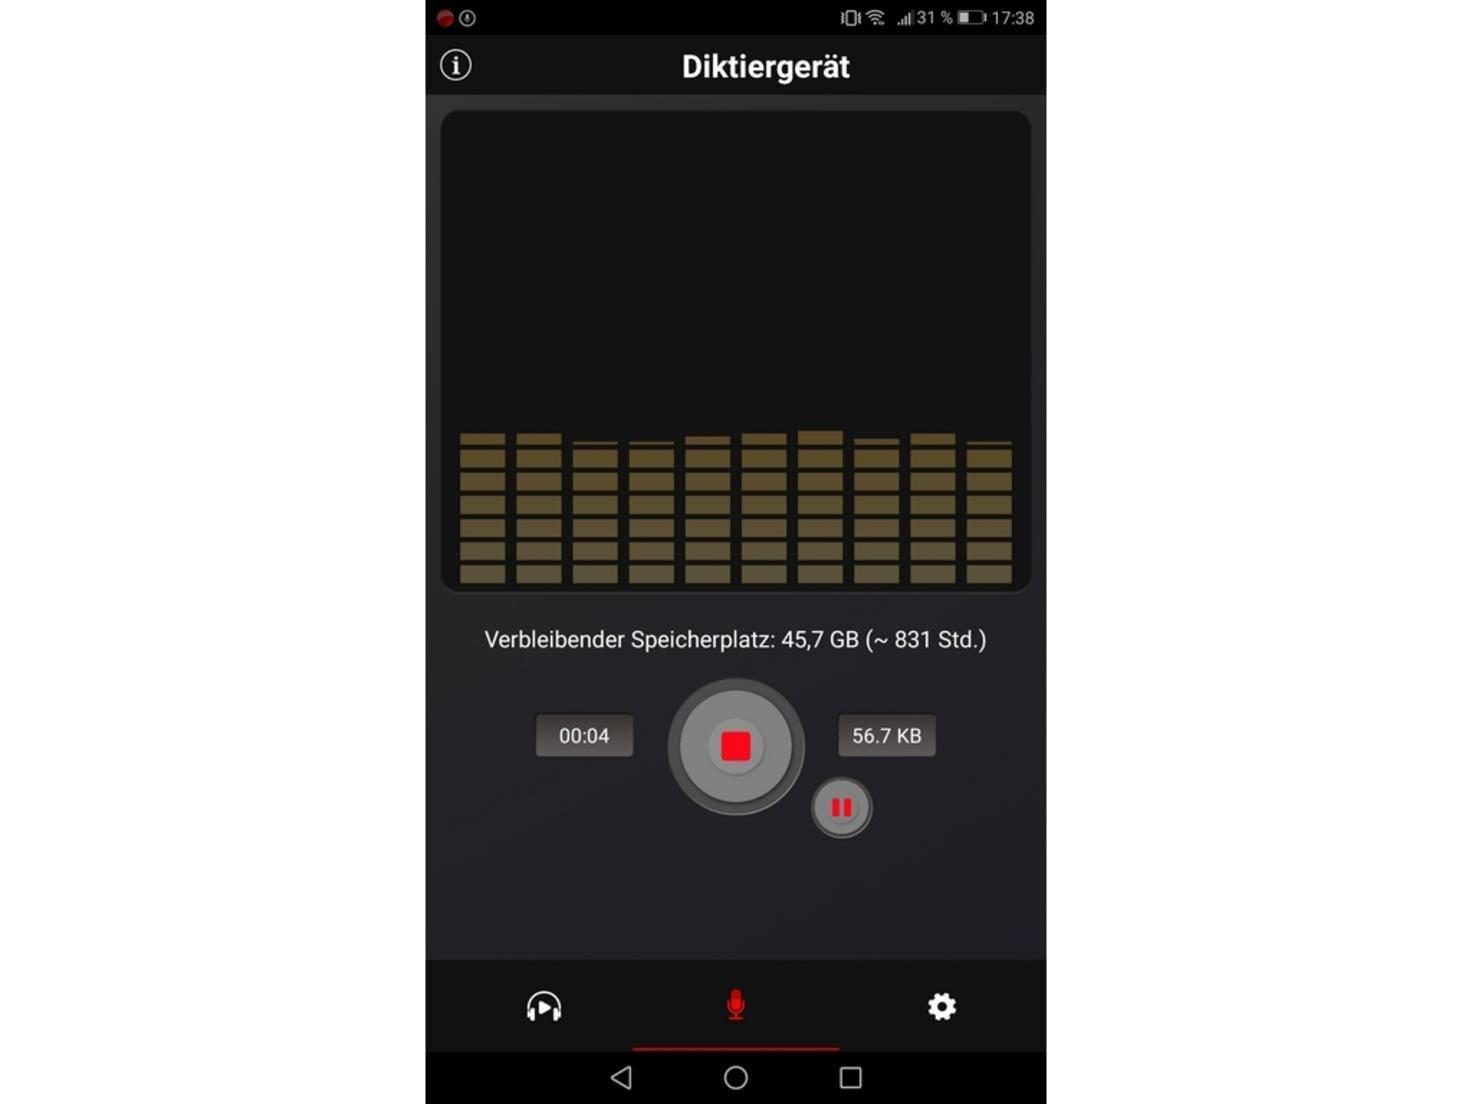 Diktiergerät-Android